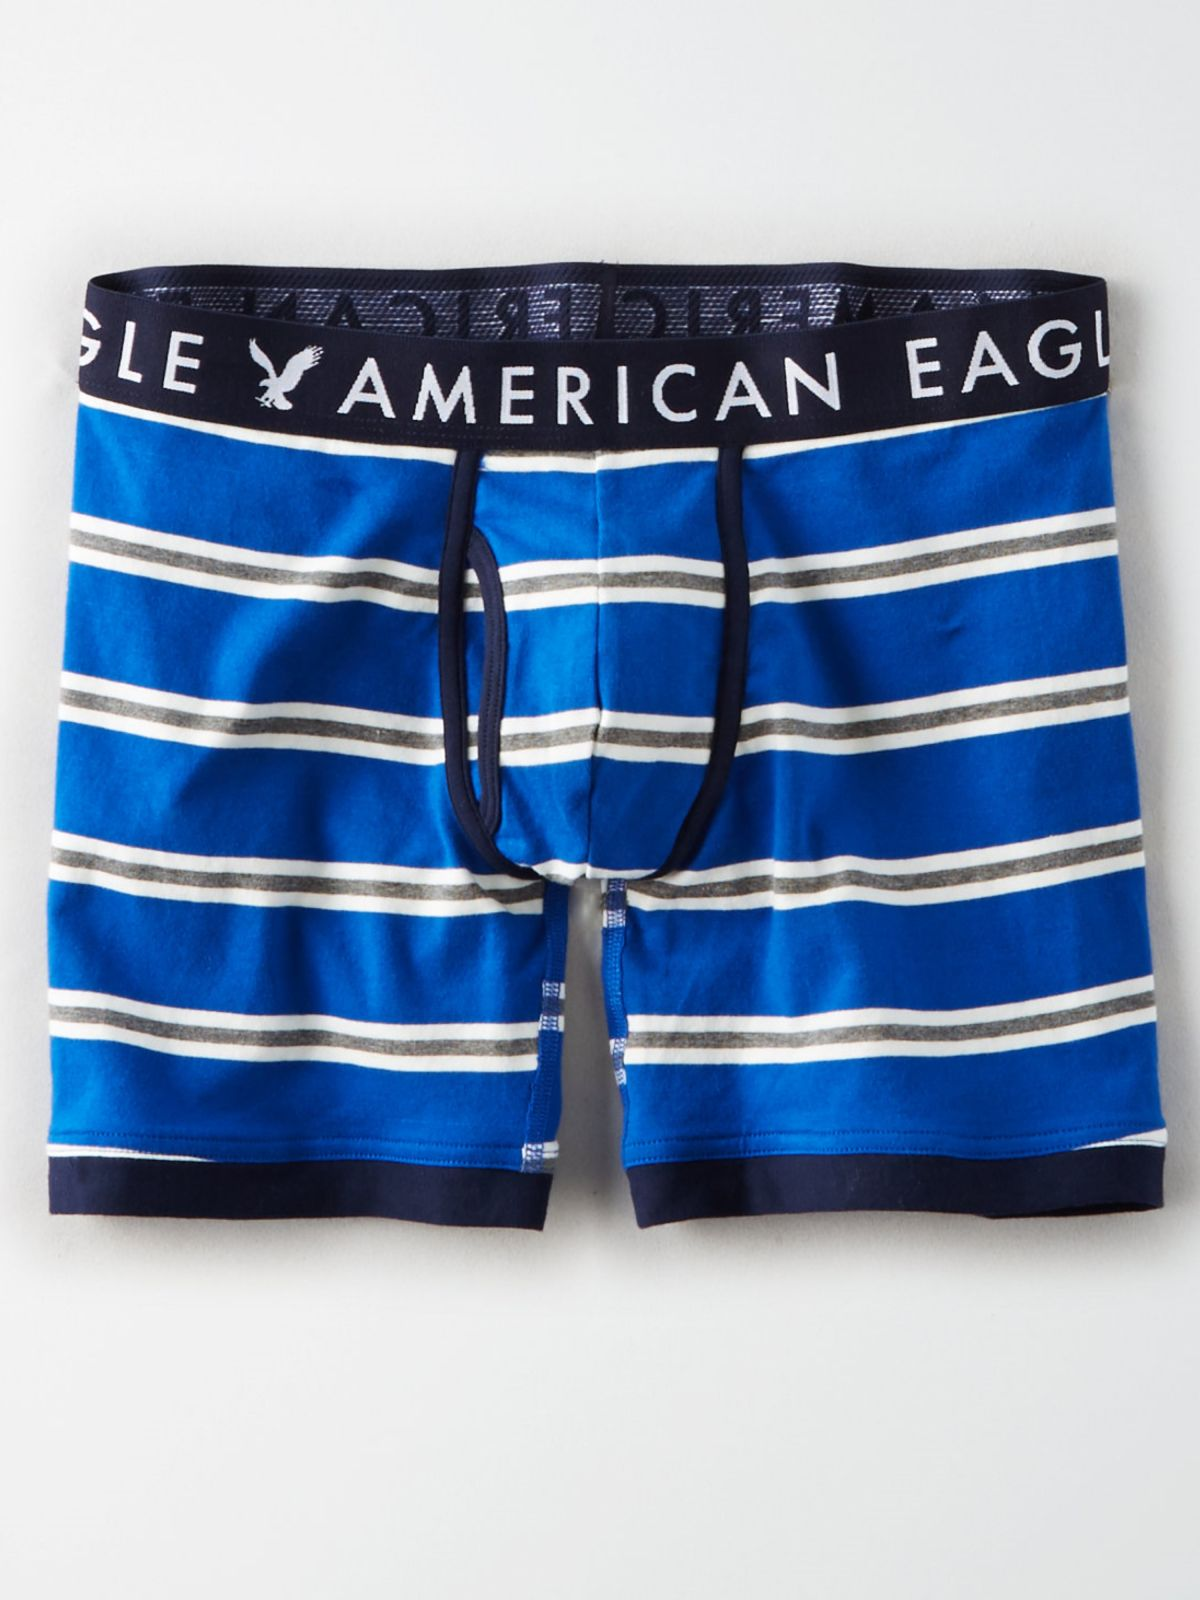 תחתוני בוקסר ג'רסי פסים לוגו / גבריםתחתוני בוקסר ג'רסי פסים לוגו / גברים של AMERICAN EAGLE